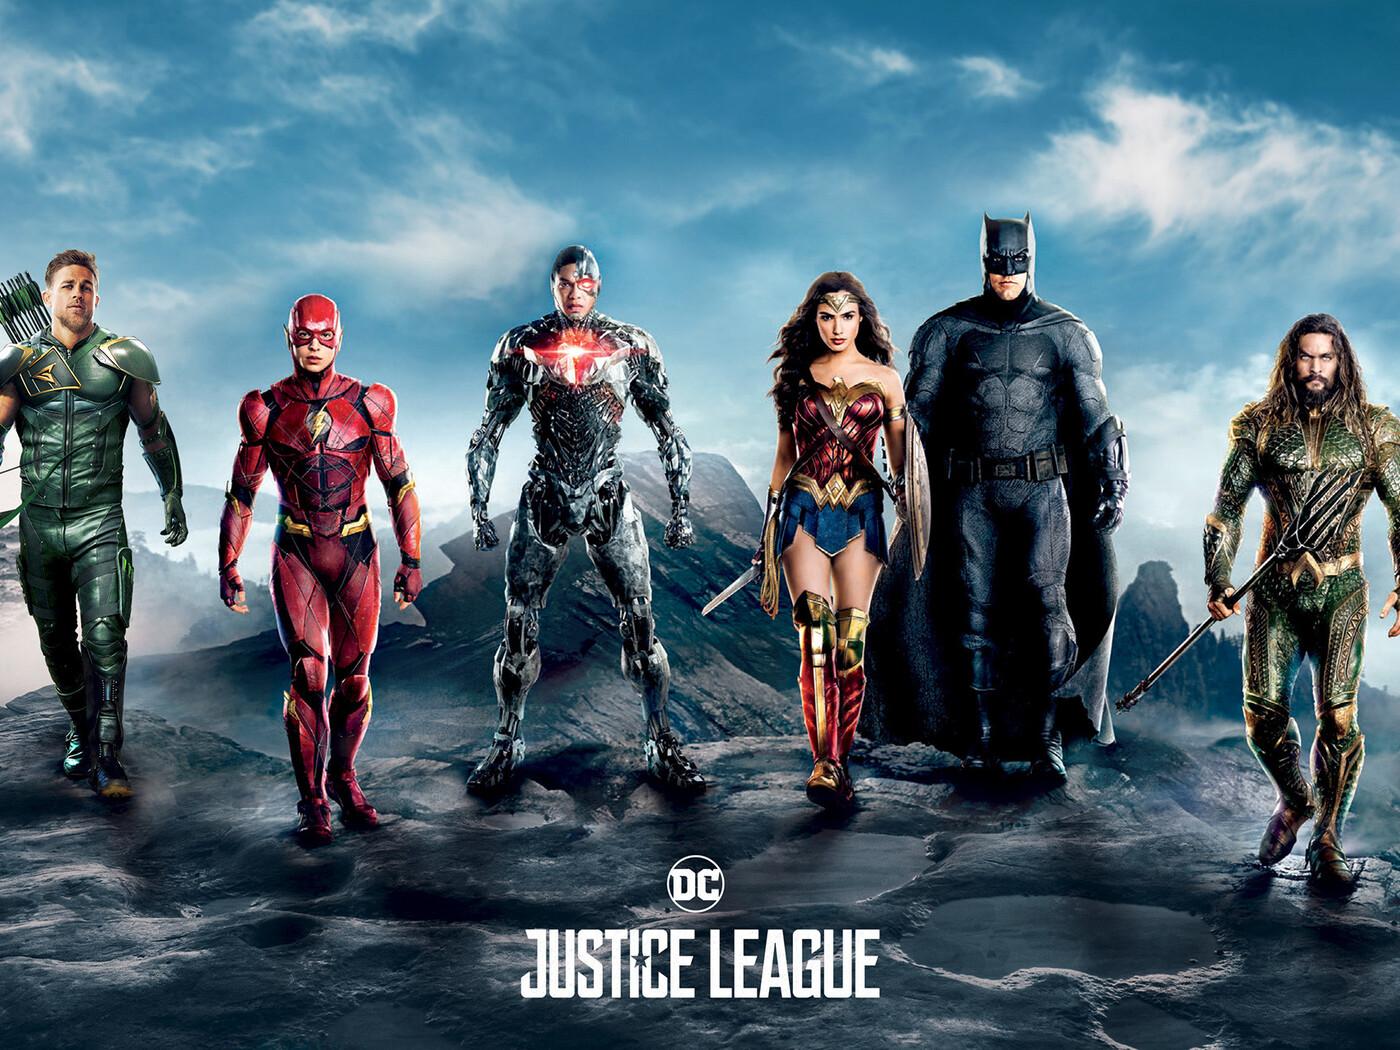 2017-justice-league-3d.jpg